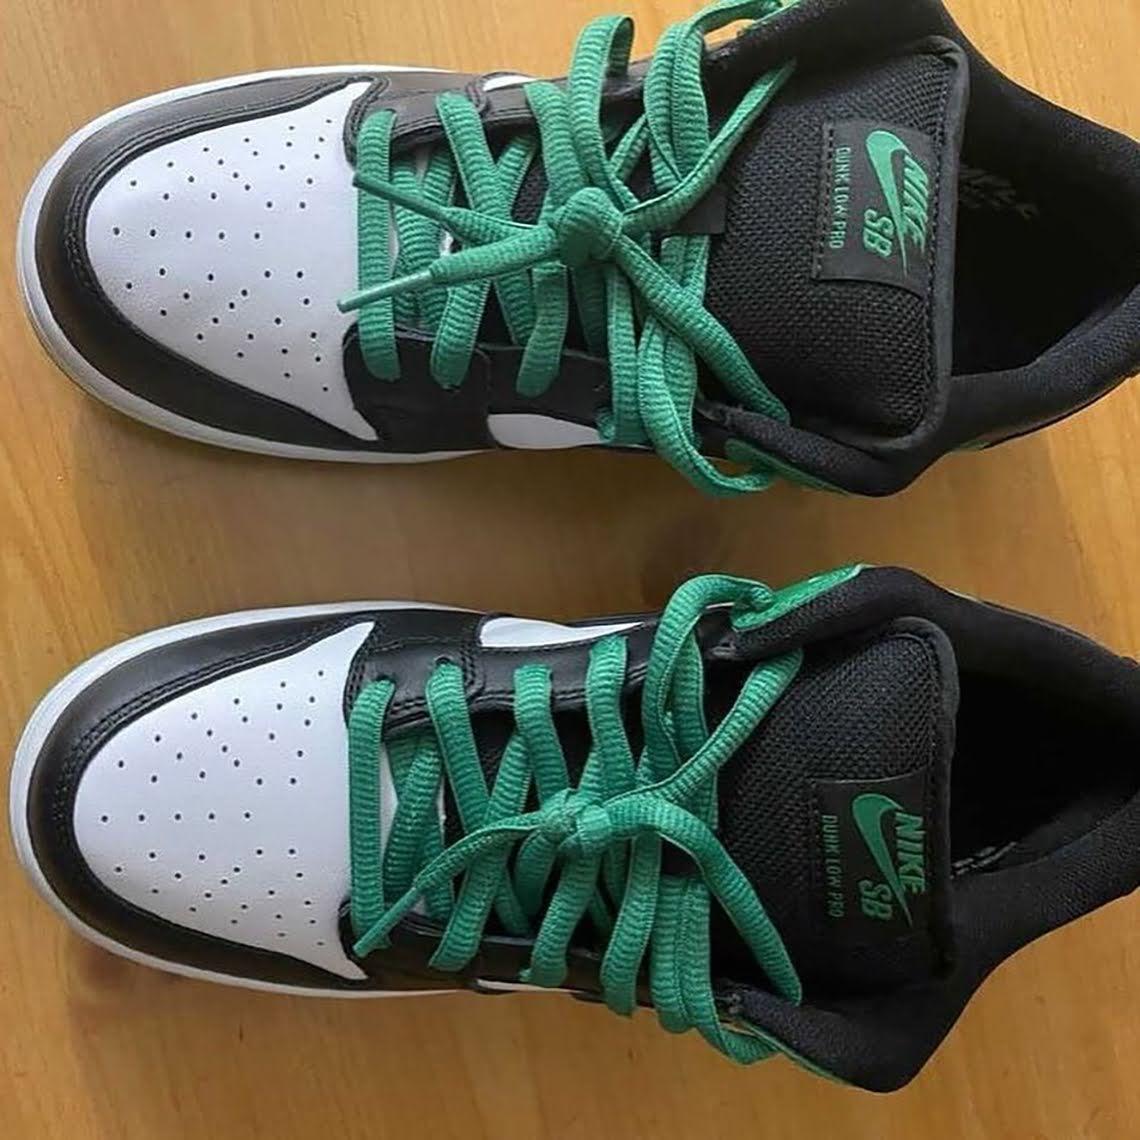 """ナイキ SB ダンク ロー """"J-パック"""" Nike-SB-Dunk-Low-J-Pack-BQ6817-302-pair-top"""